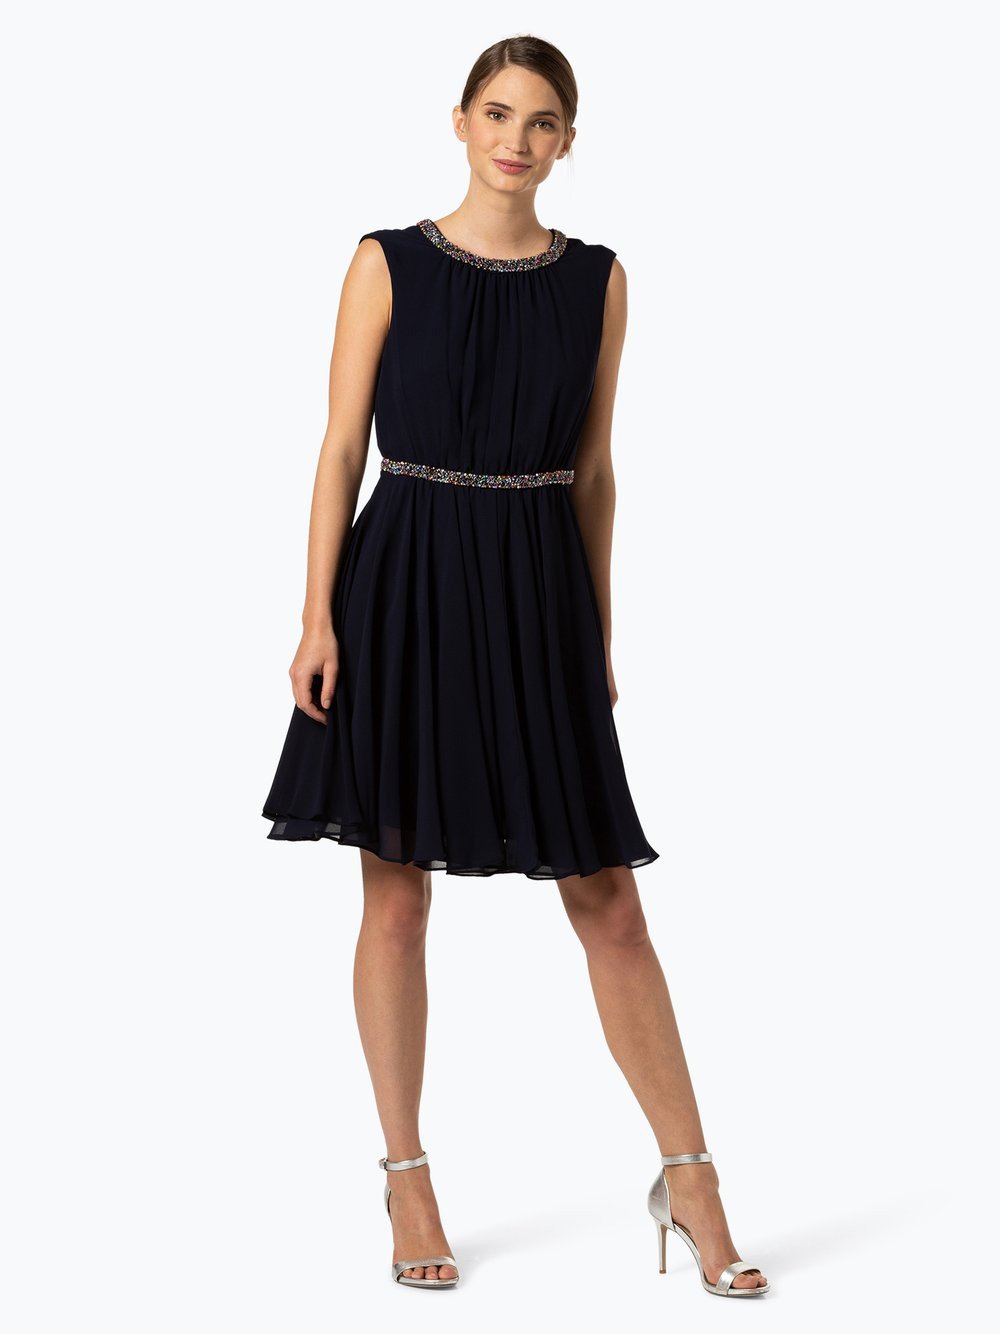 13 Cool Abendkleider Esprit Spezialgebiet Fantastisch Abendkleider Esprit Boutique